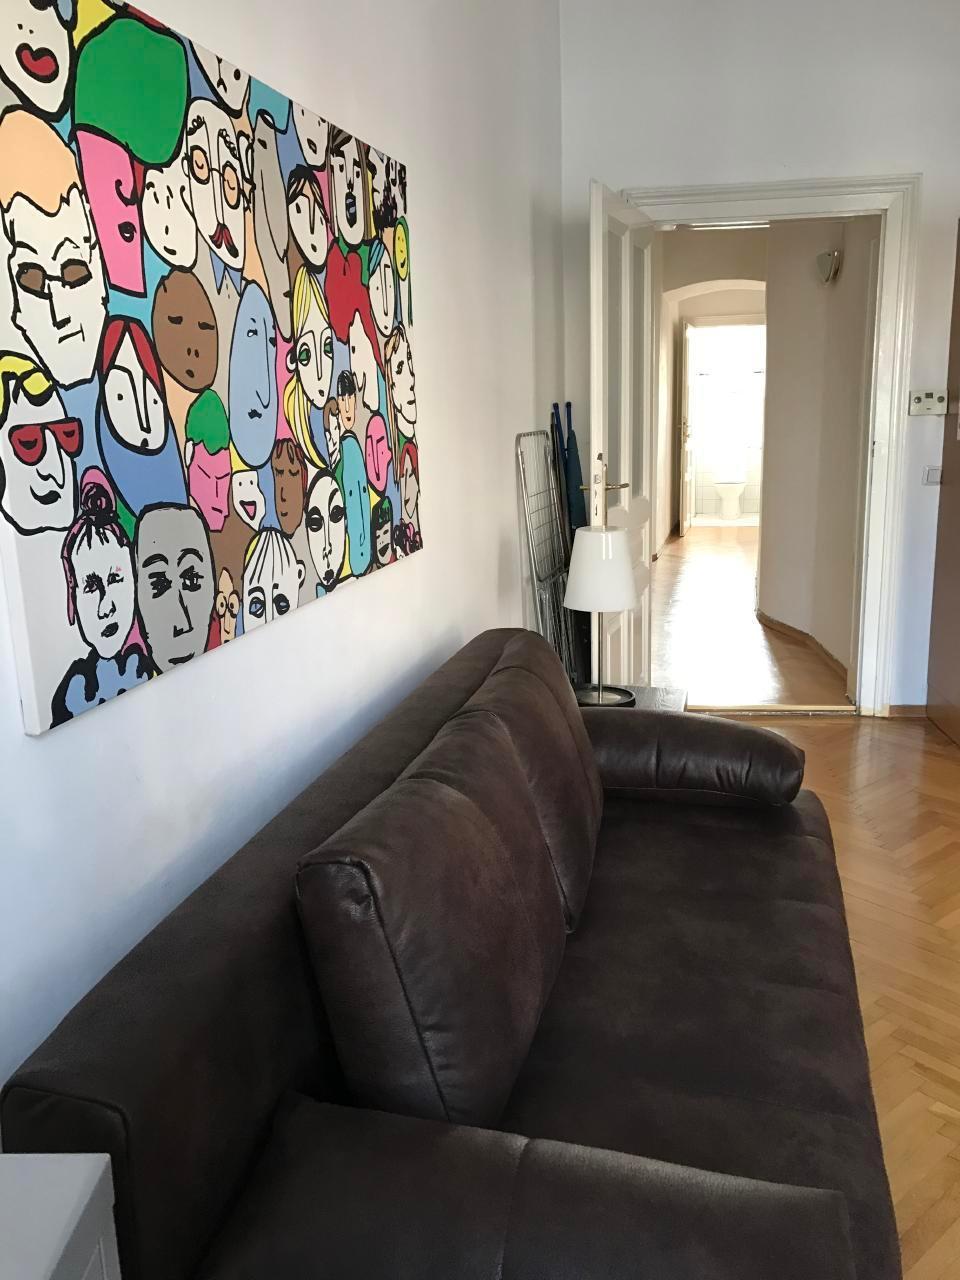 Appartement de vacances Ferienwohnung (359405), Vienne, , Vienne, Autriche, image 7